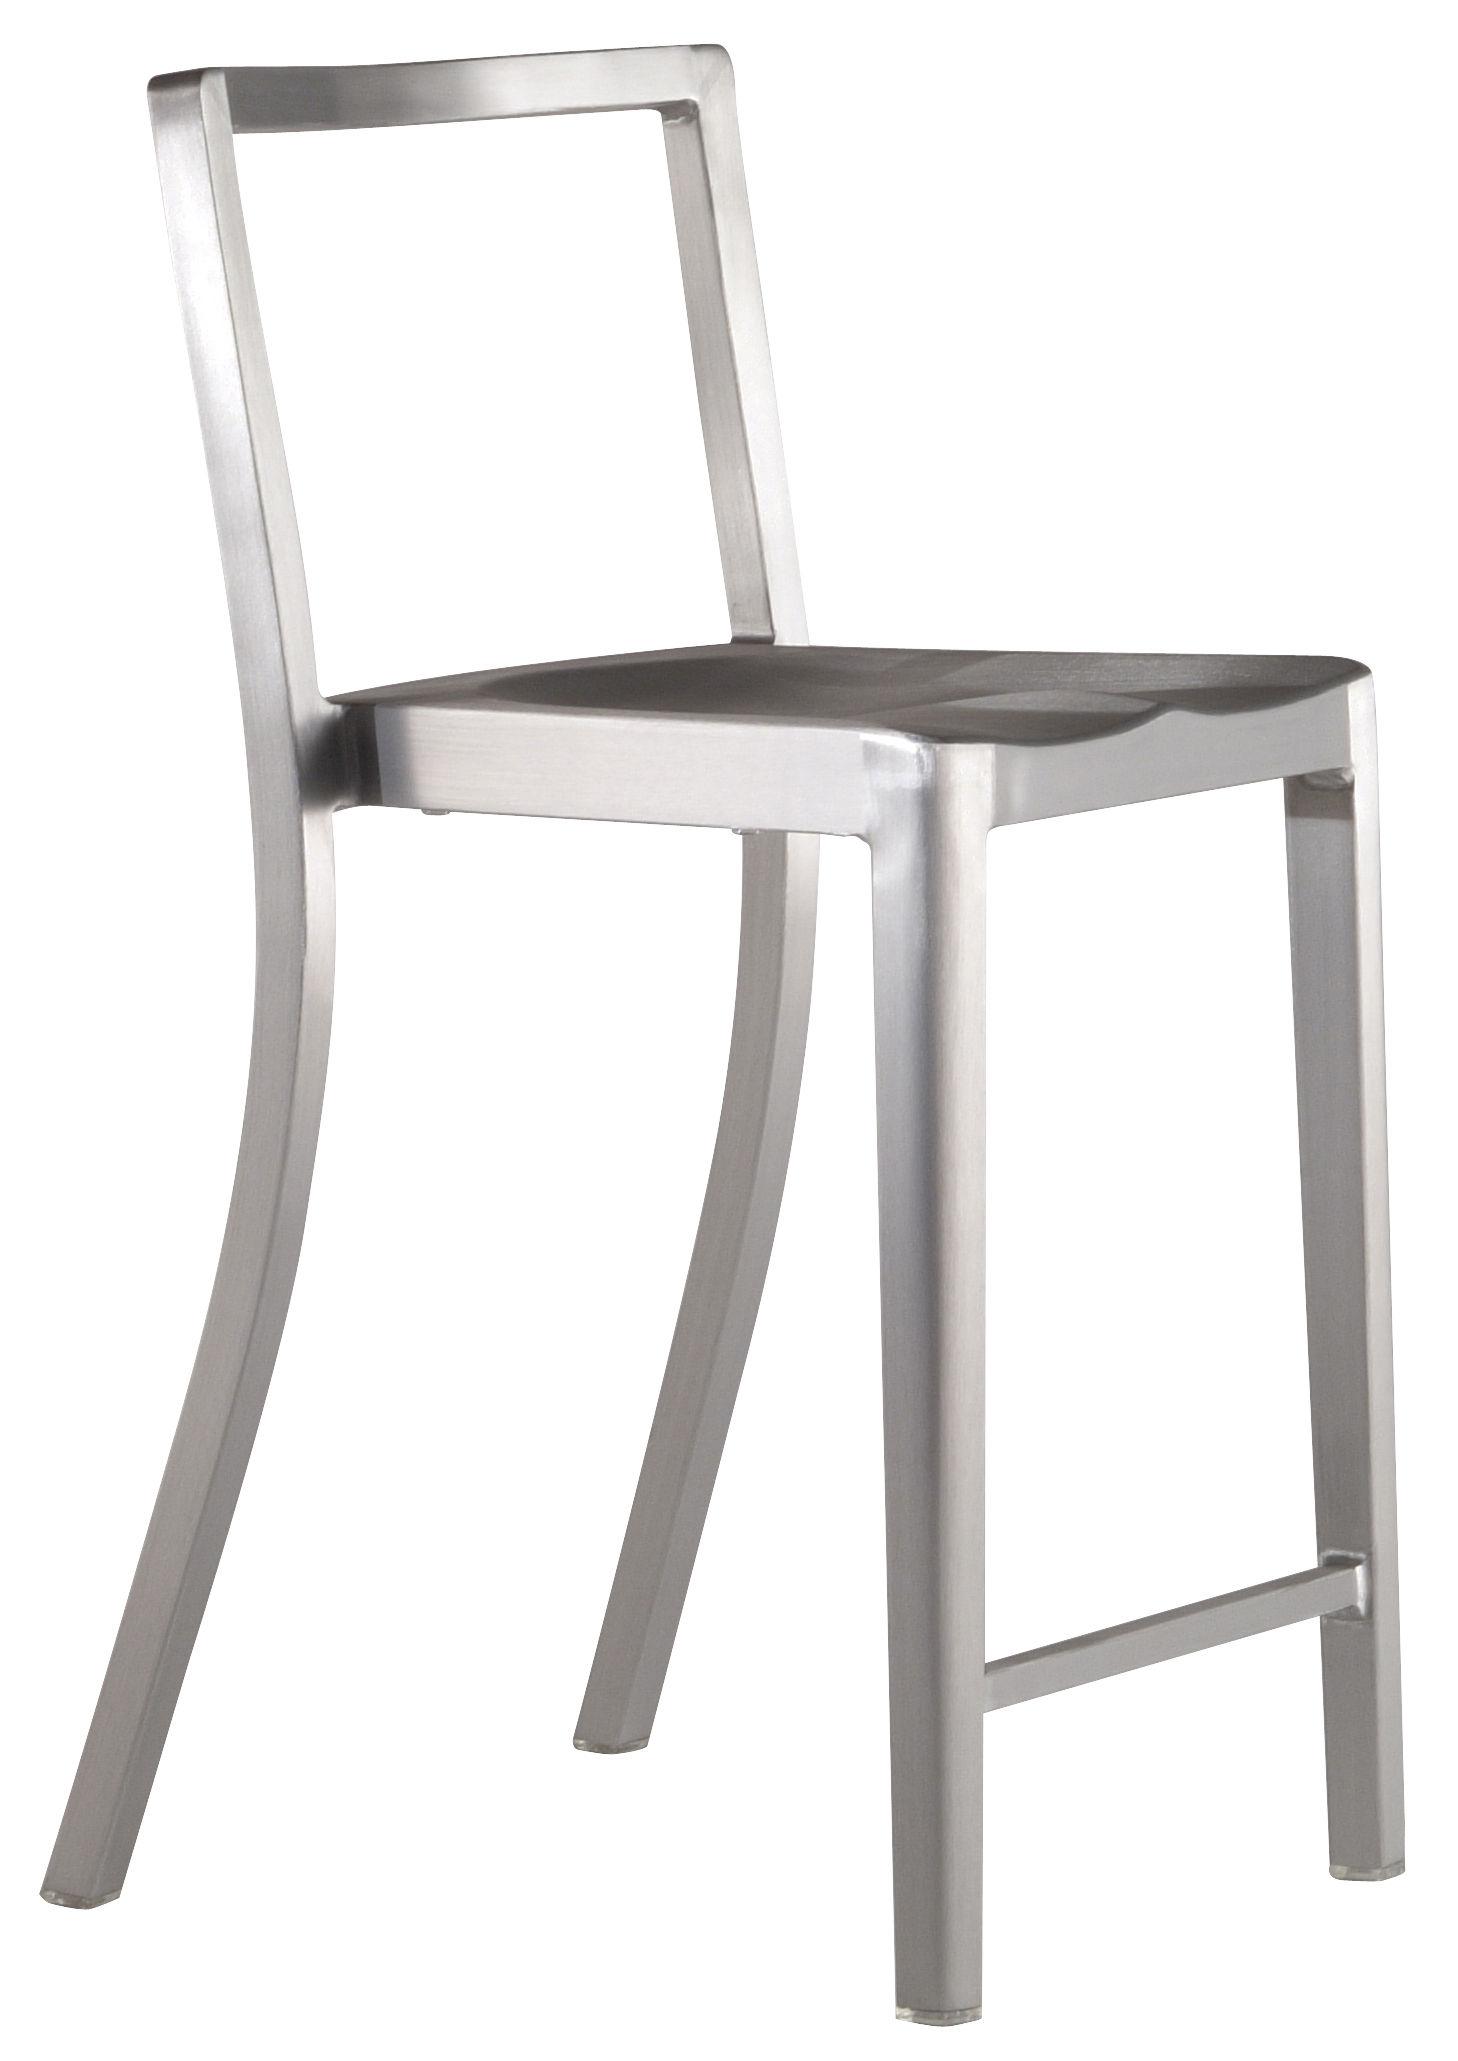 chaise de bar icon outdoor h 61 cm aluminium bross aluminium bross outdoor emeco. Black Bedroom Furniture Sets. Home Design Ideas